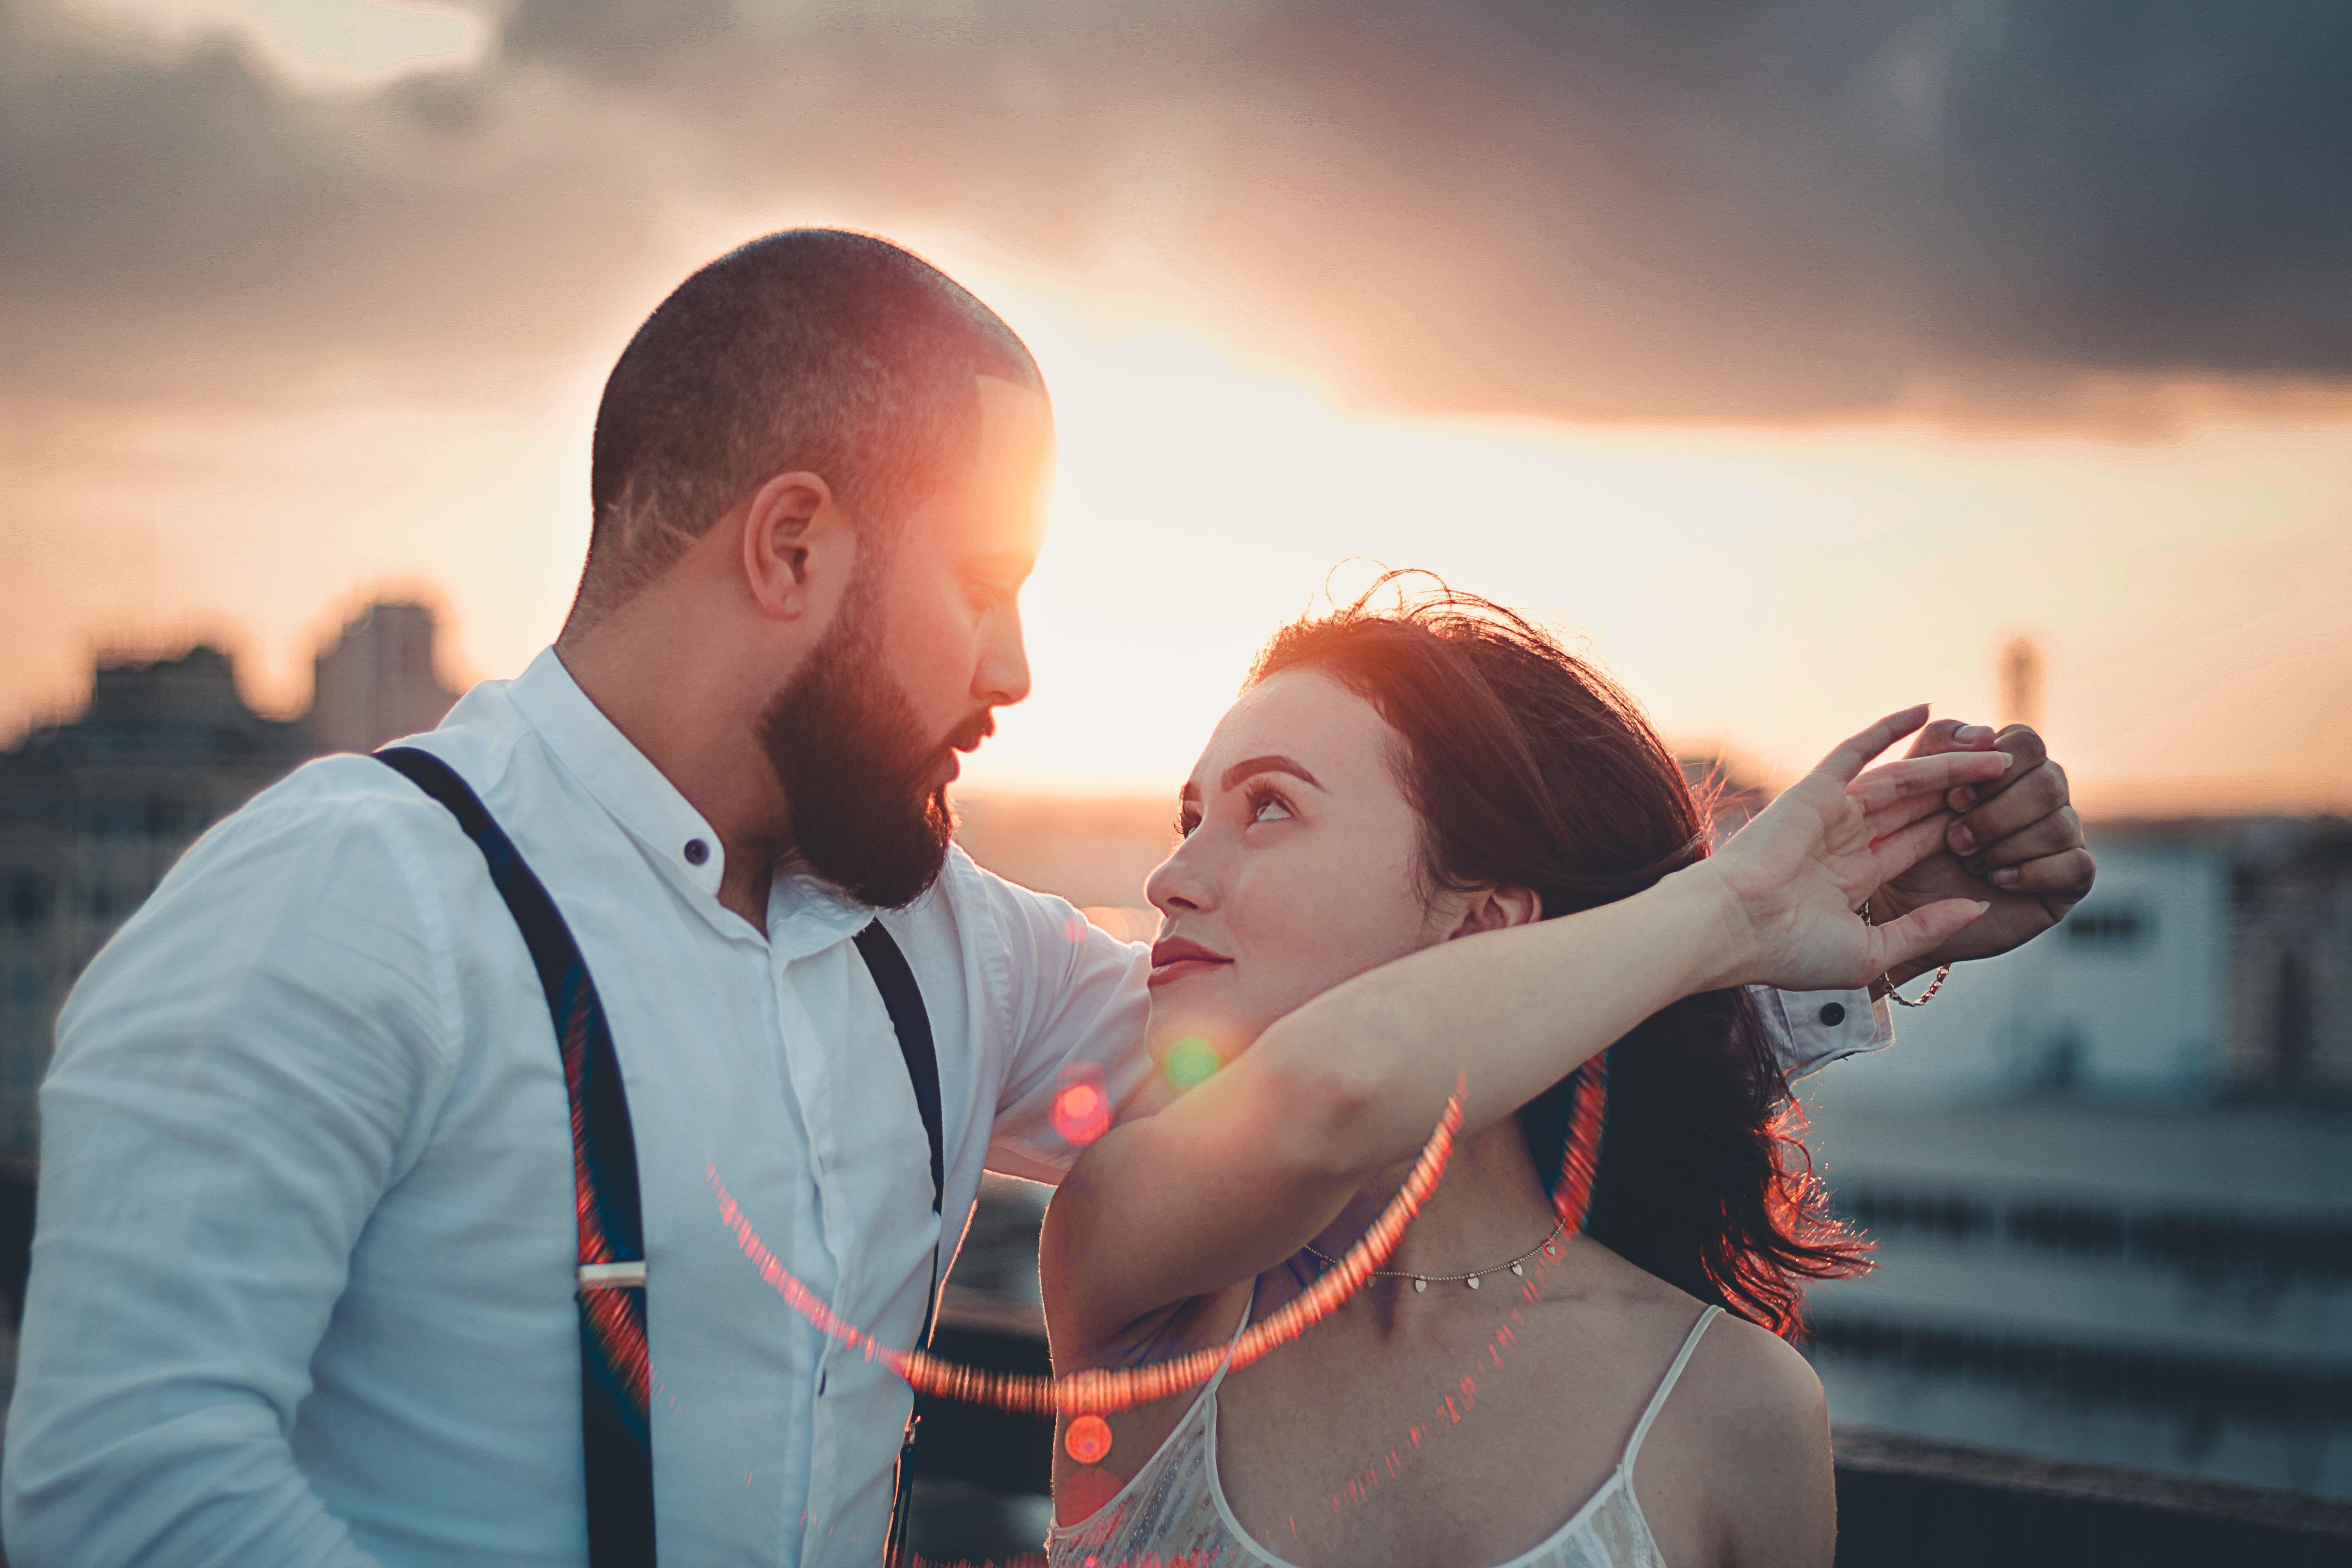 情侣大型翻车现场:你说话的方式,决定了你的层次-心理学文章-壹心理